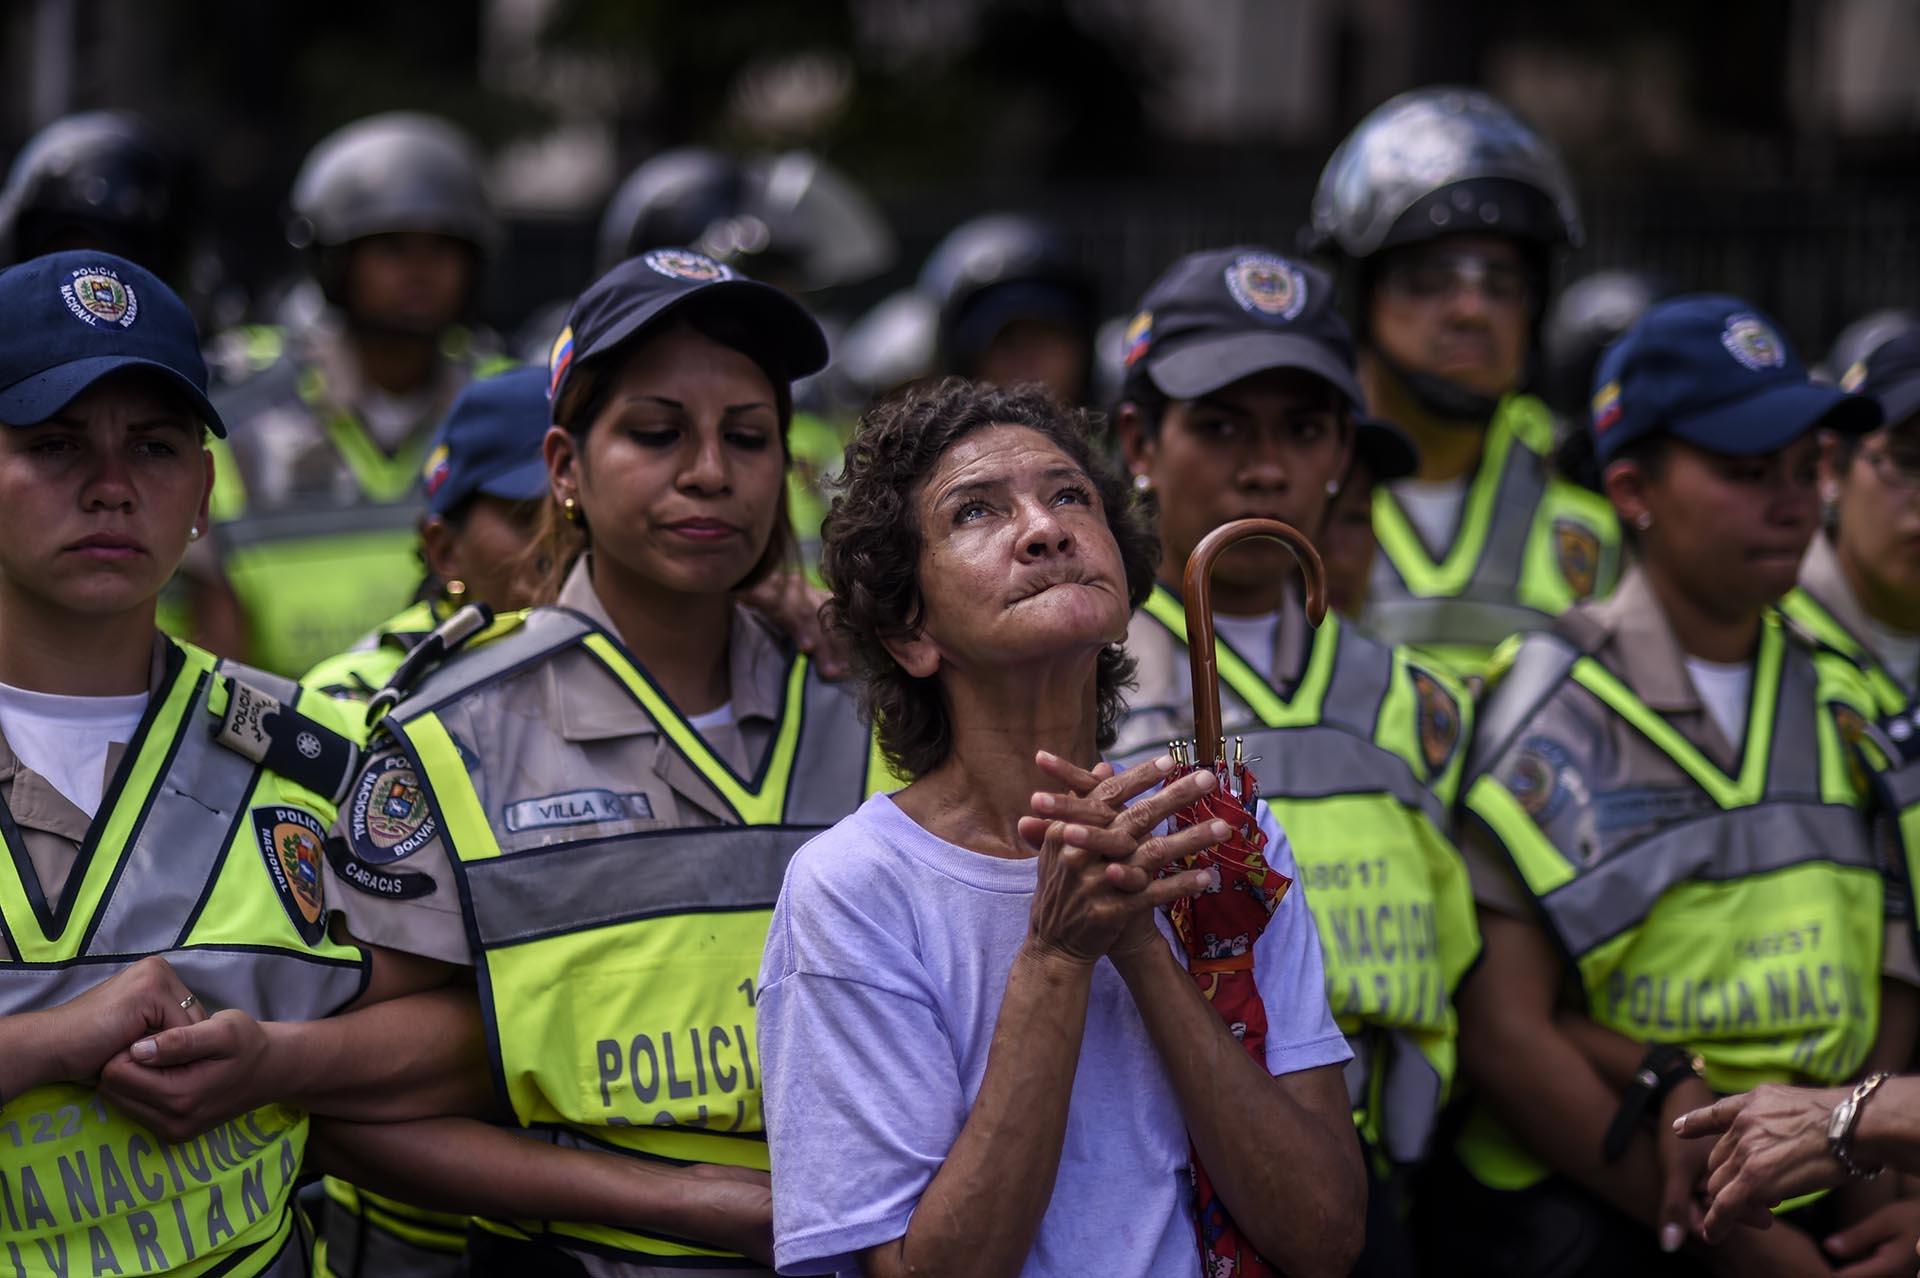 Imágenes de lo que ha estado pasando en Venezuela esta semana